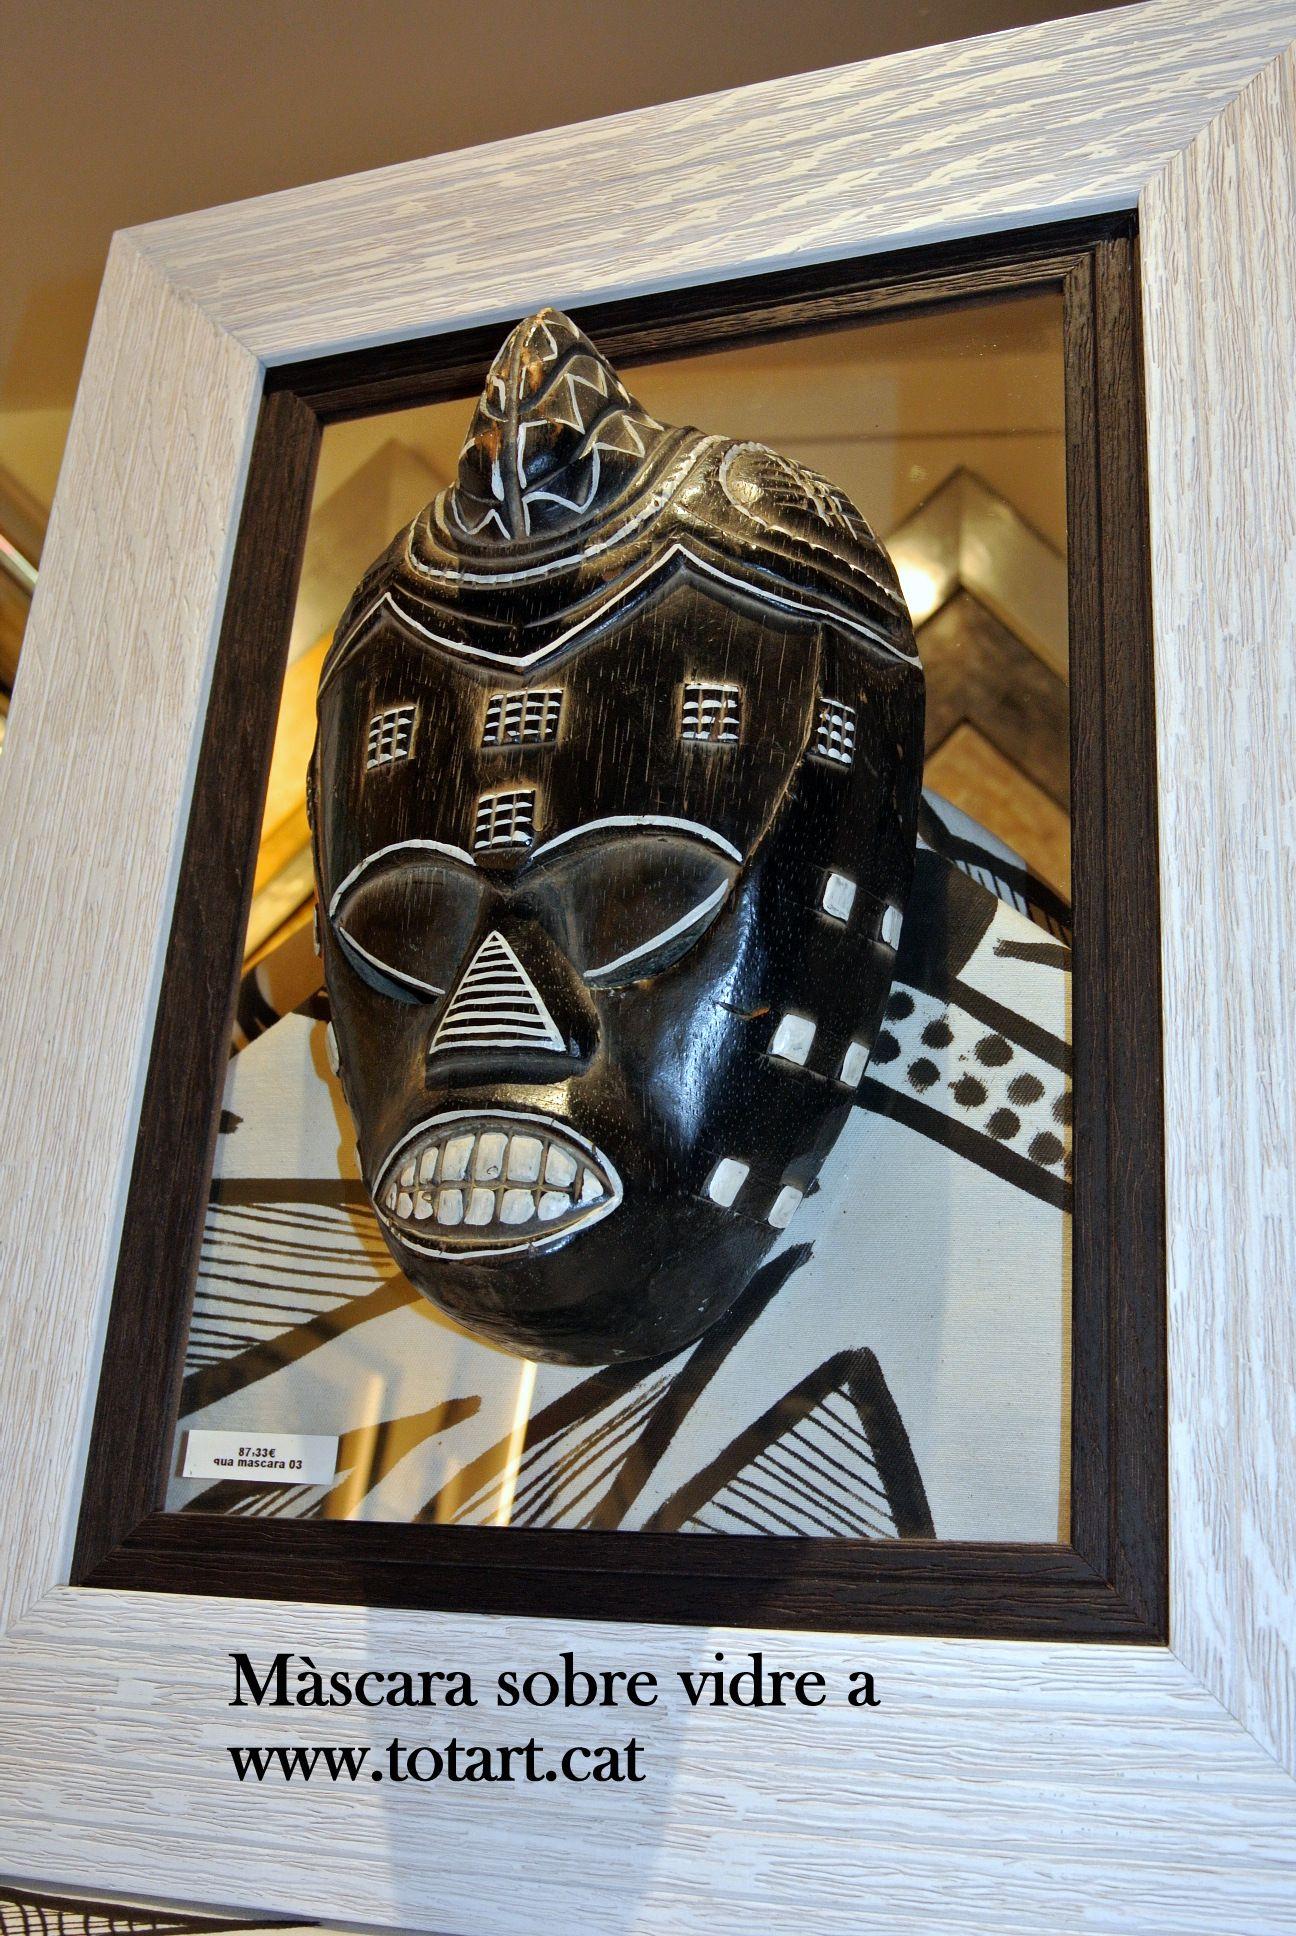 Enmarcado de m scara en barcelona tienda de enmarcaci n a for Enmarcar cuadros en casa